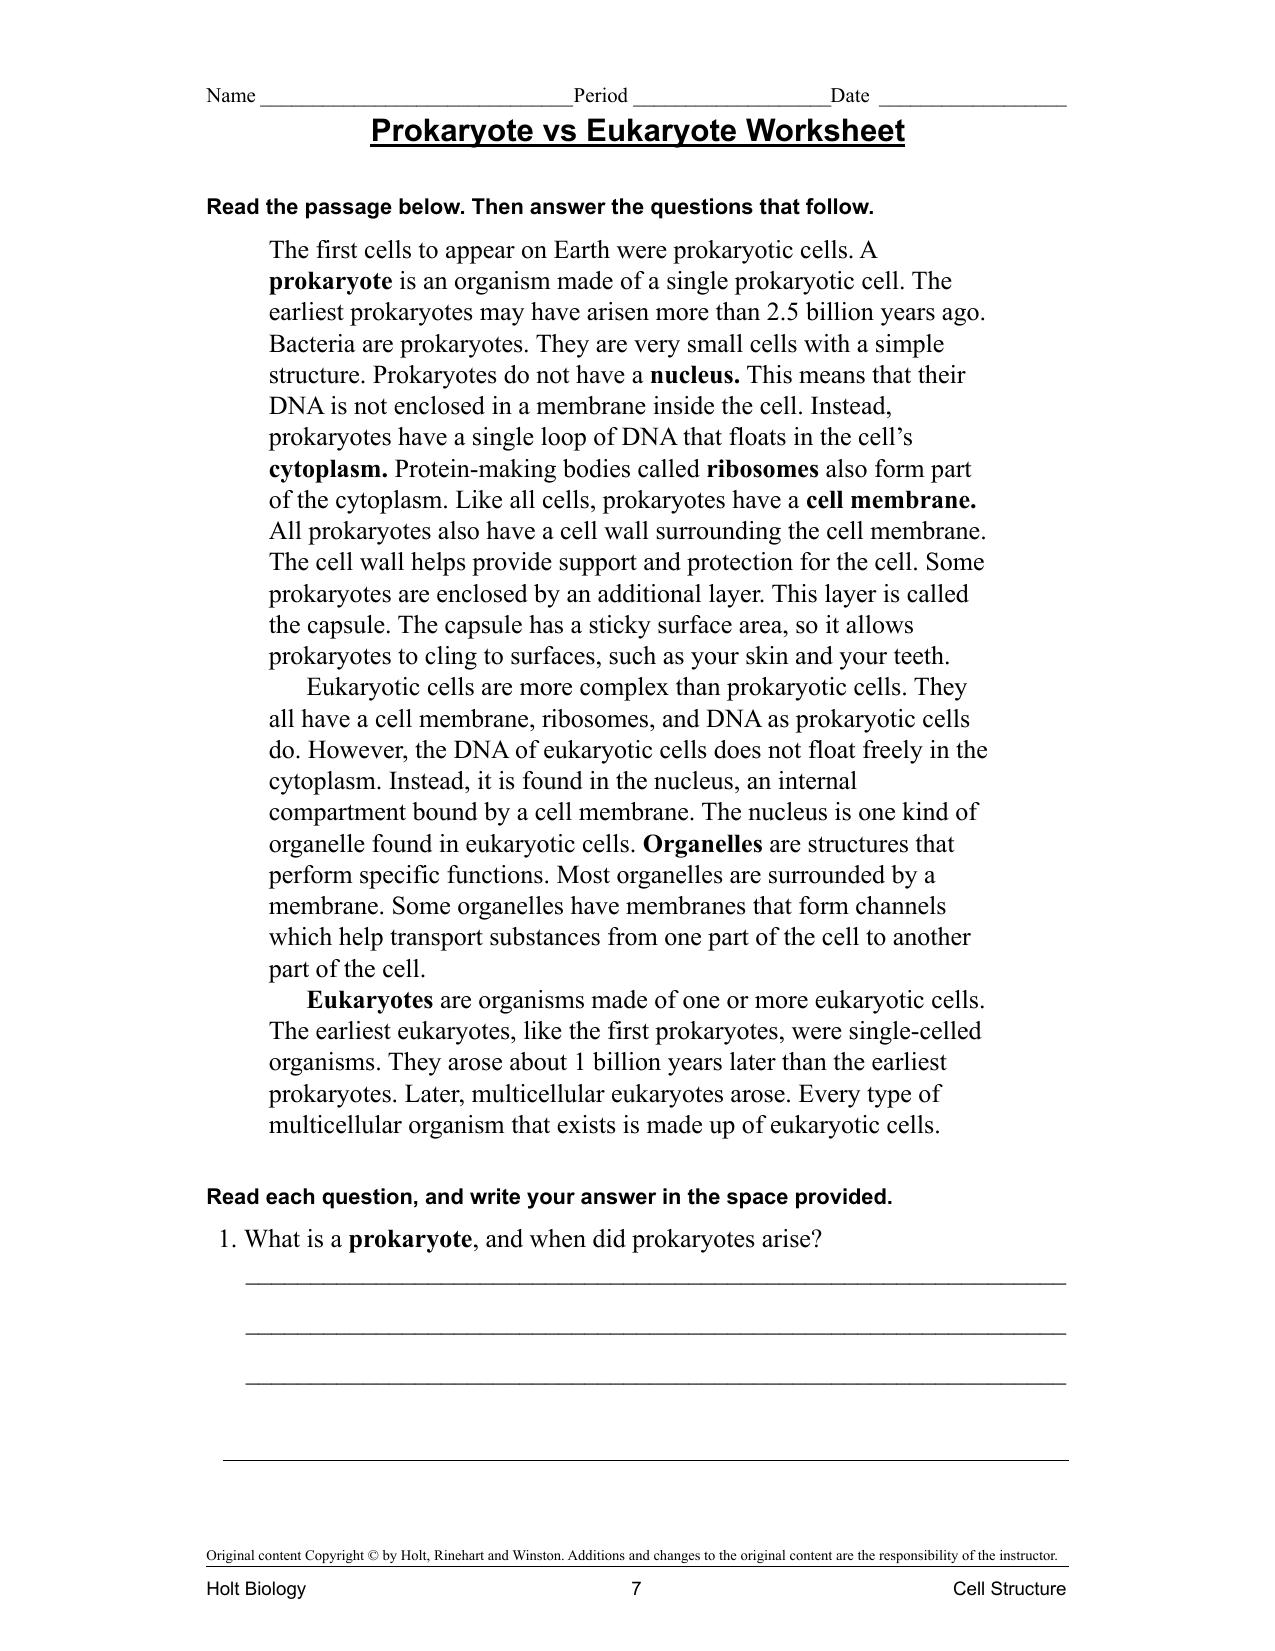 Worksheets Prokaryotic And Eukaryotic Cells Worksheet prokaryote vs eukaryote worksheet